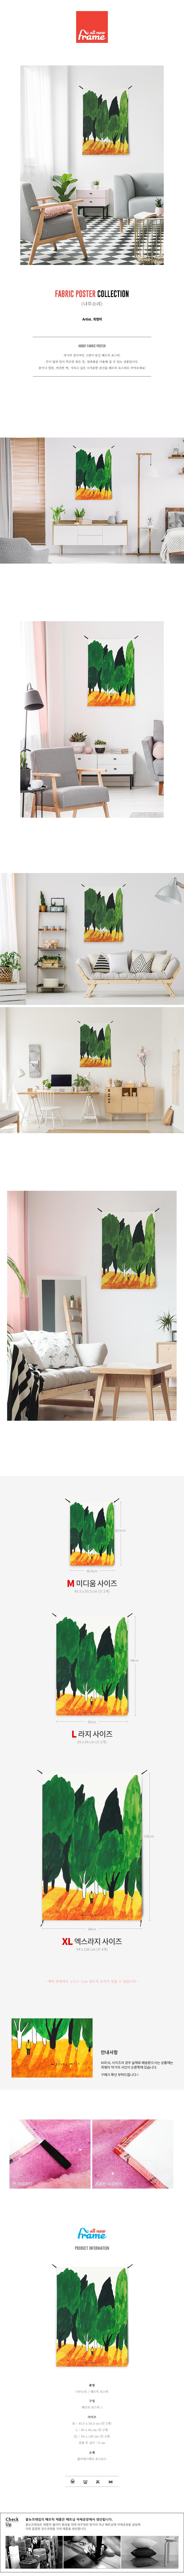 (패브릭 포스터) 나무소리 - 올뉴프레임, 15,000원, 홈갤러리, 패브릭포스터